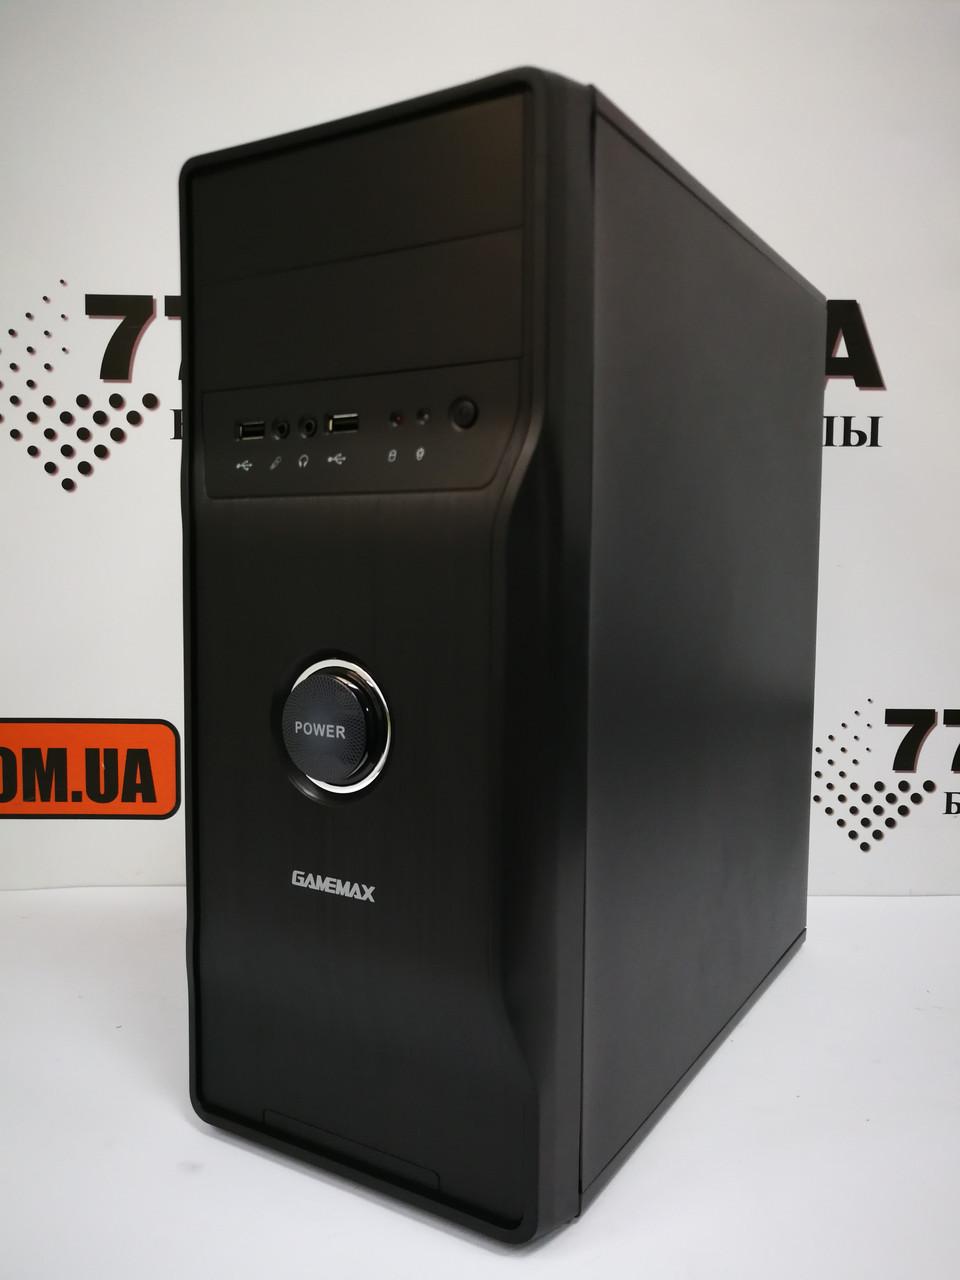 Игровой компьютер EuroCom, Intel Core i5-2500 3.7GHz, RAM 8ГБ, SSD 120ГБ, HDD 500ГБ, Radeon RX 470 4GB